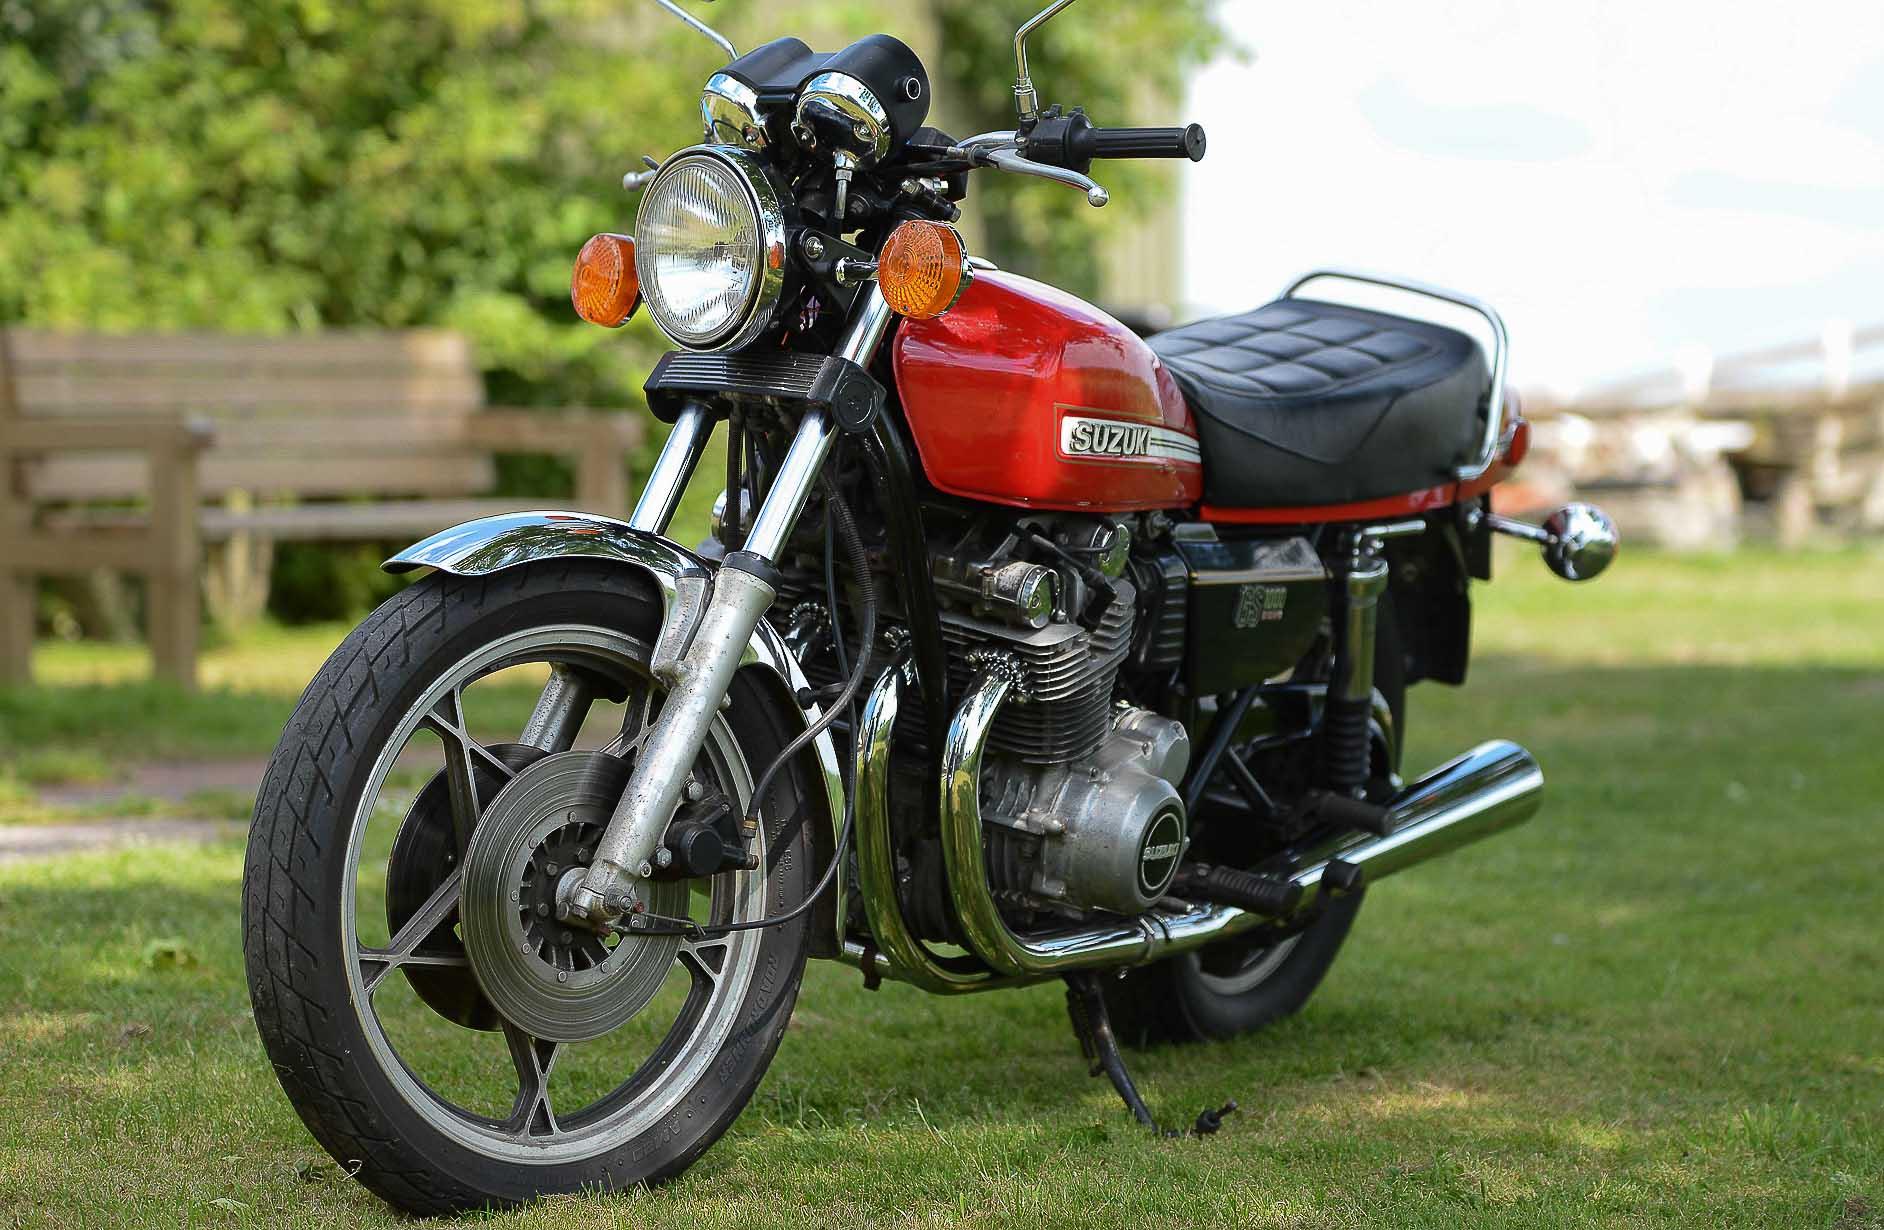 SUZUKI GS 1000 (1978 - 1982)